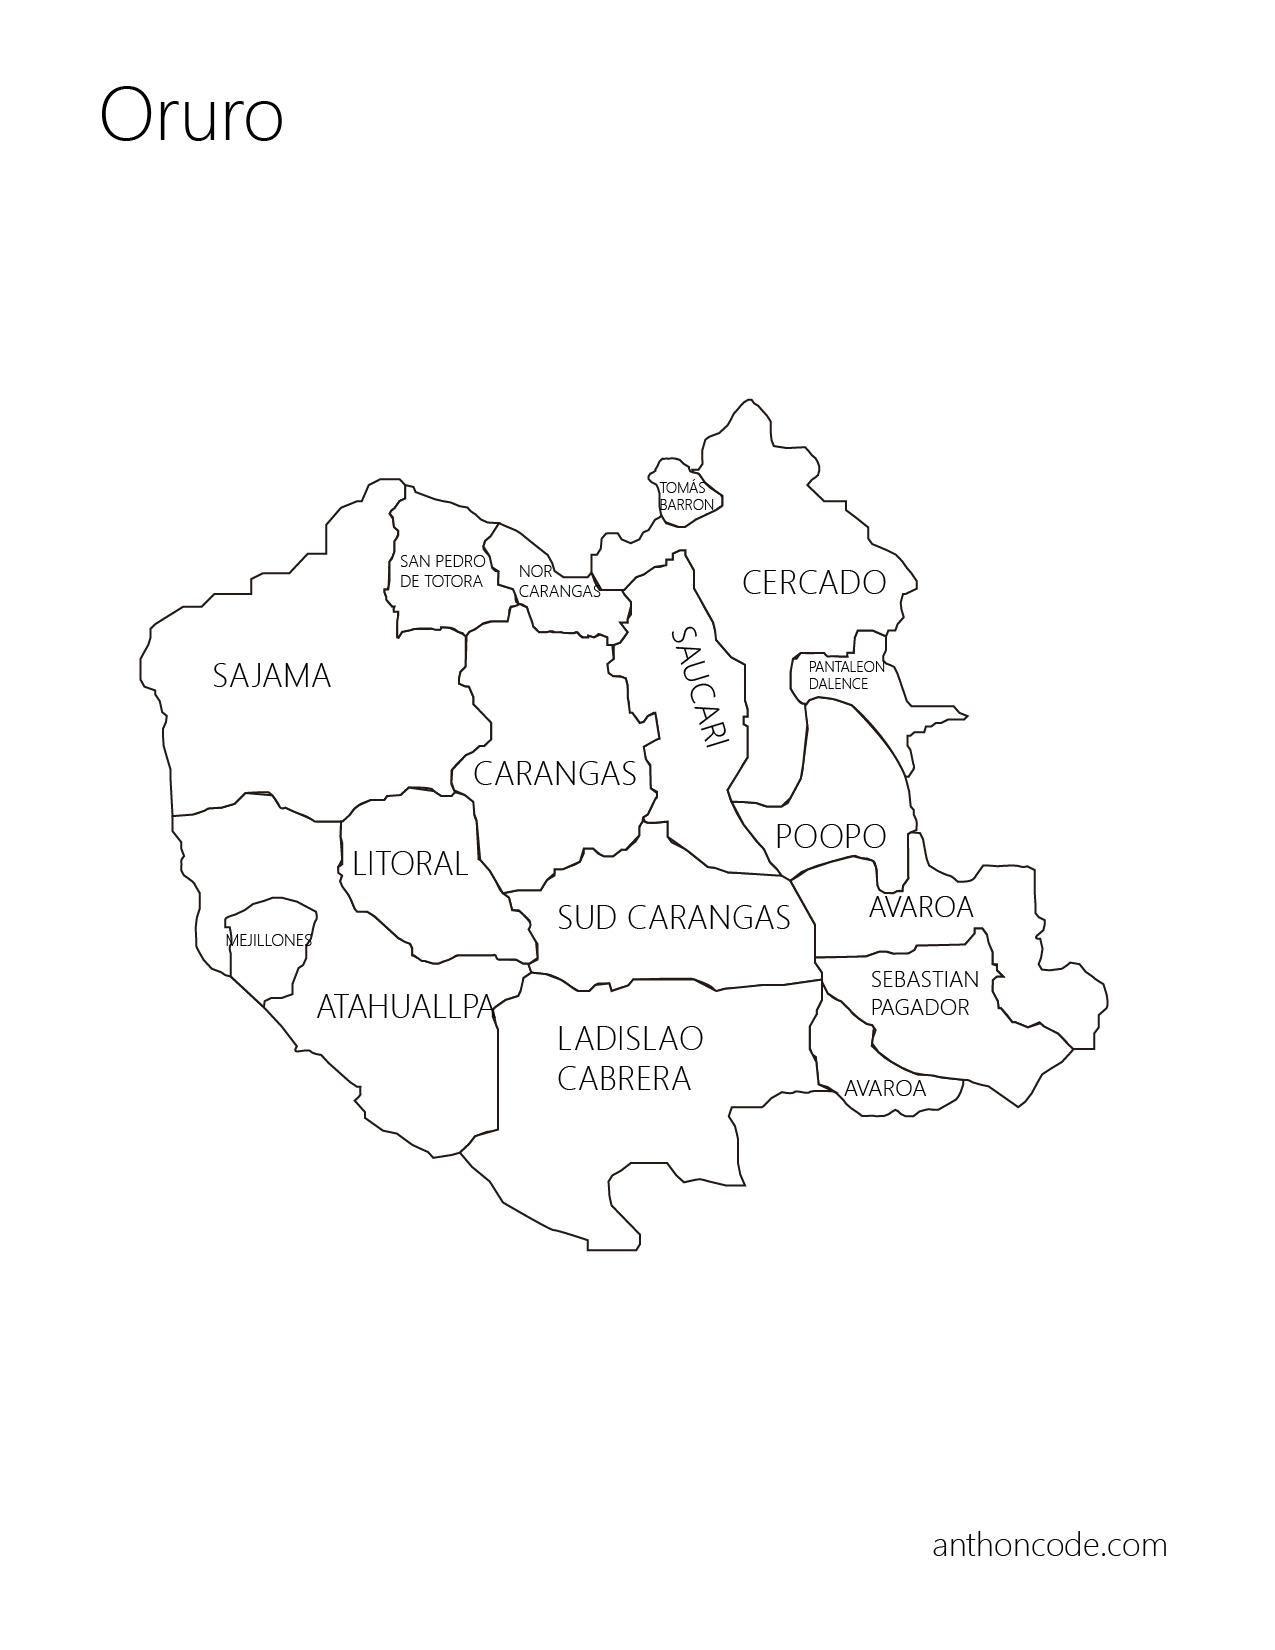 Mapa de Oruro y provincias para colorear